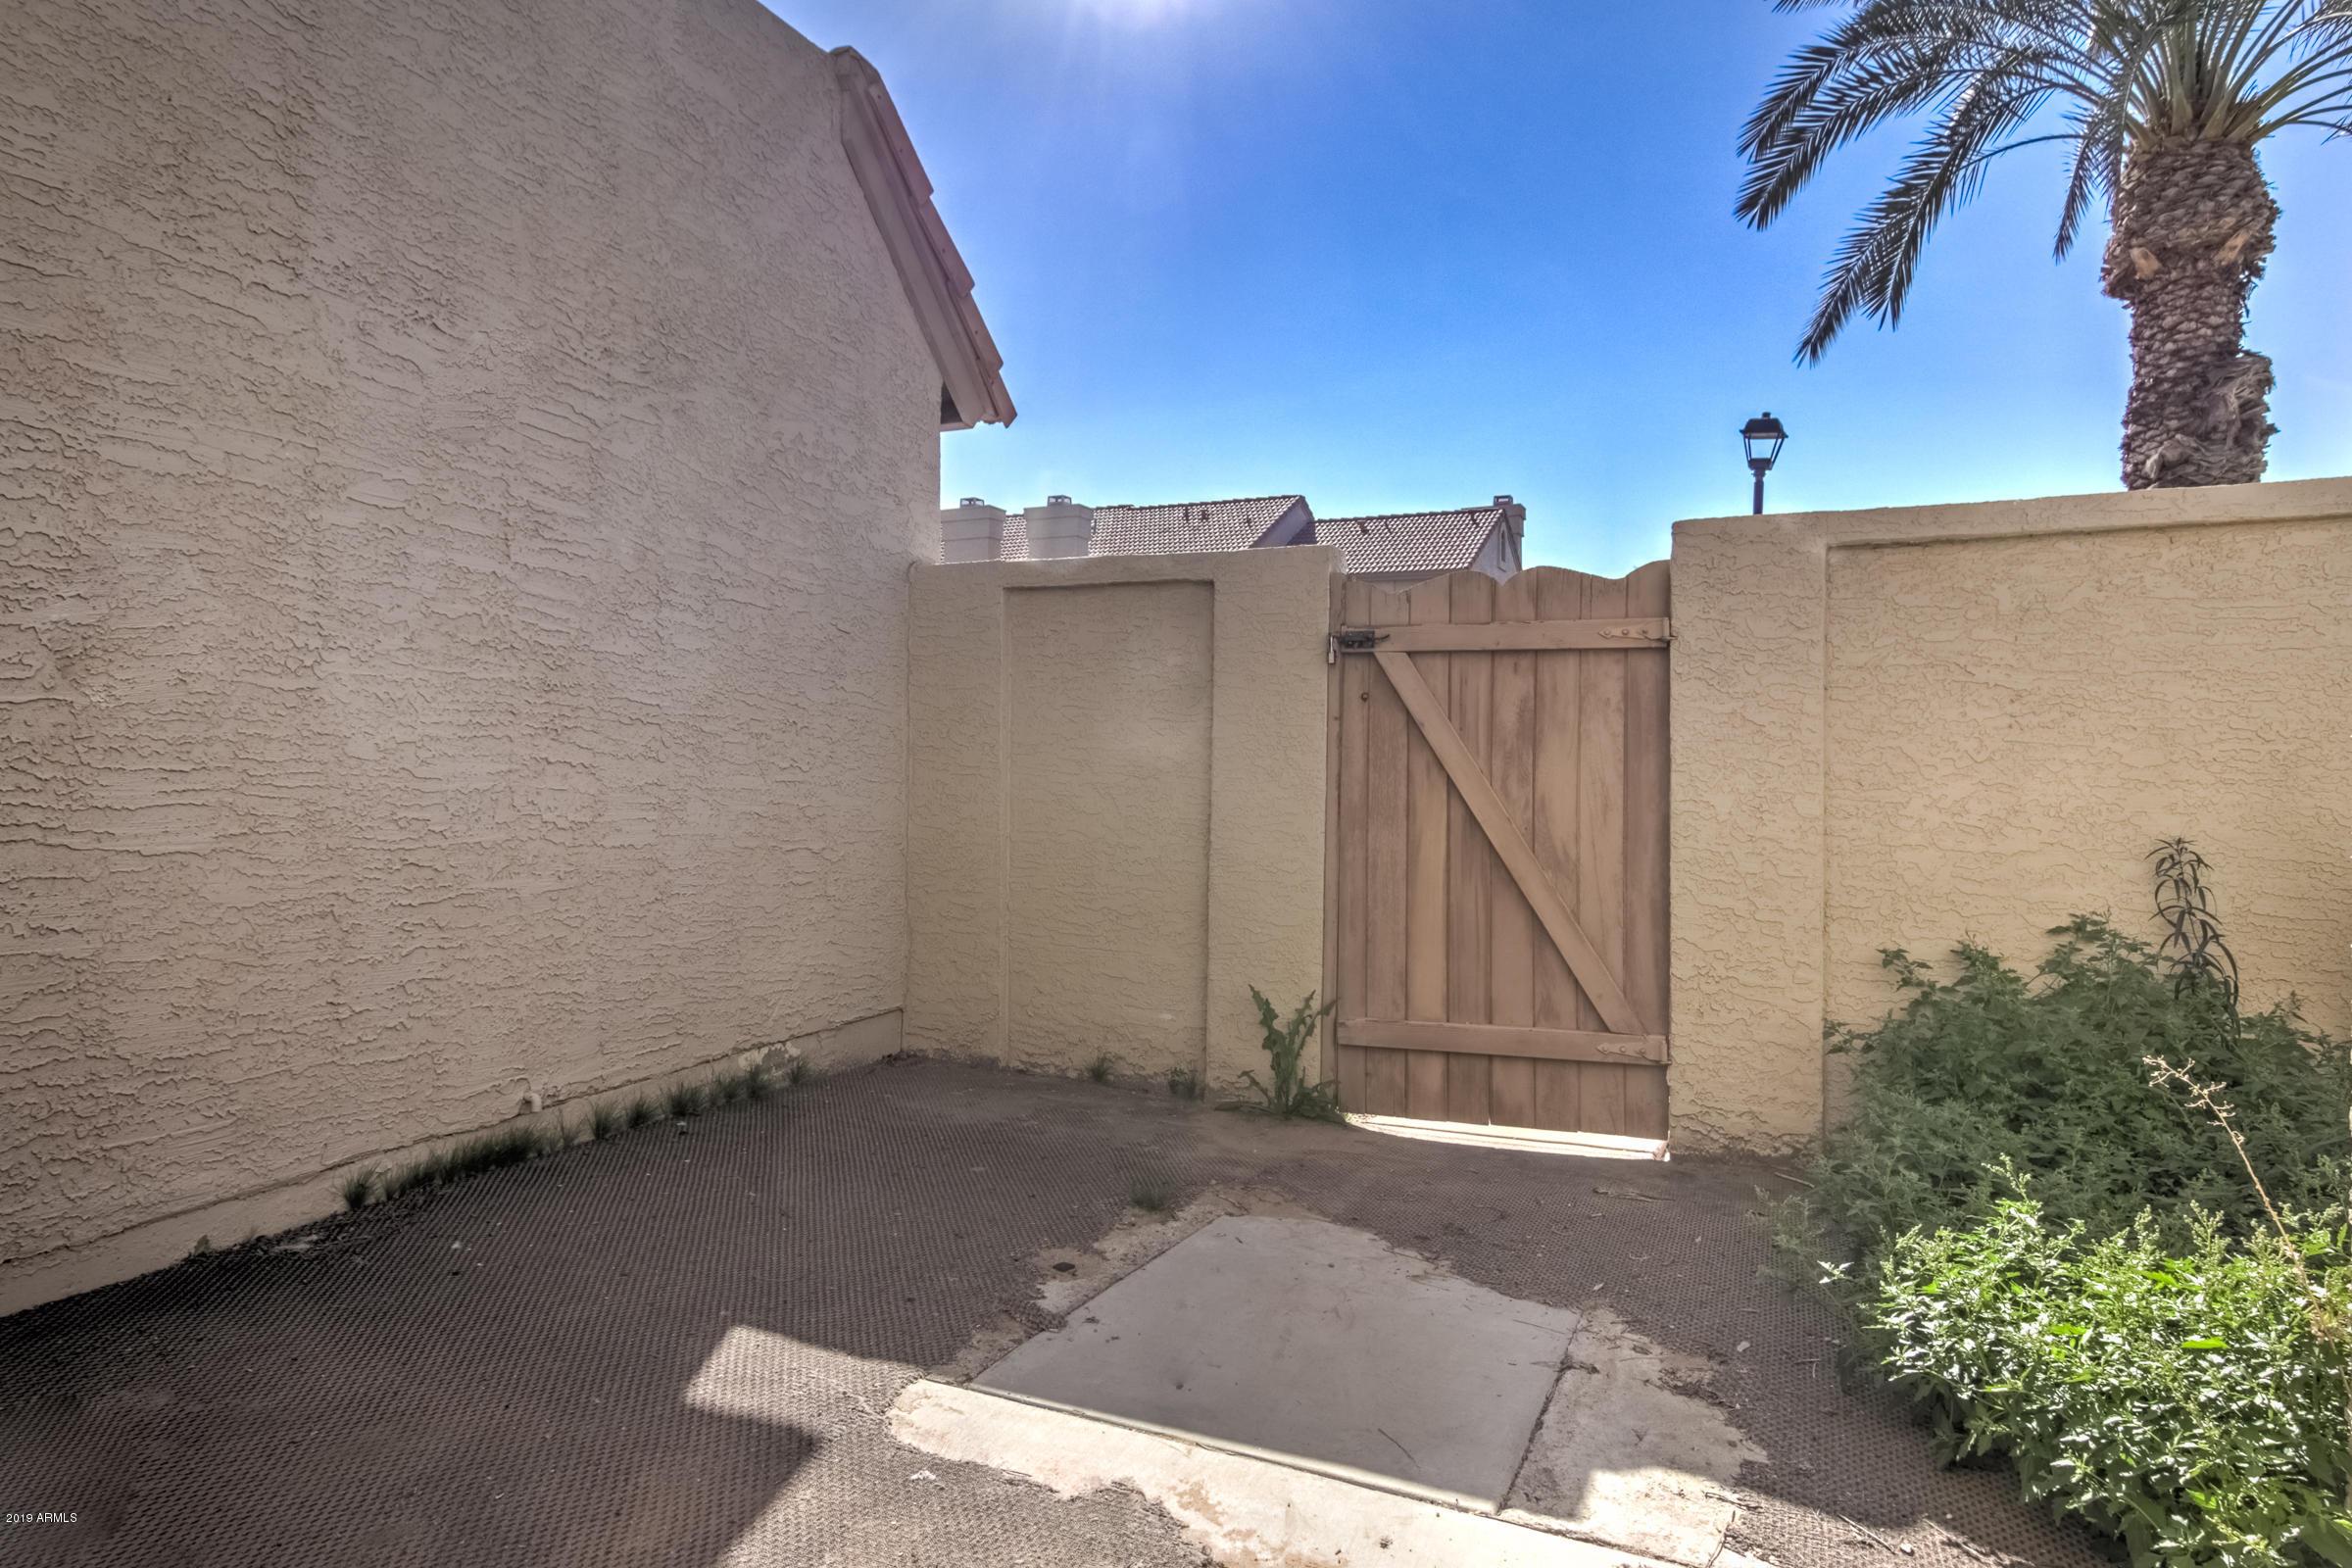 MLS 5878836 3921 W IVANHOE Street Unit 185, Chandler, AZ 85226 Chandler AZ Townhome